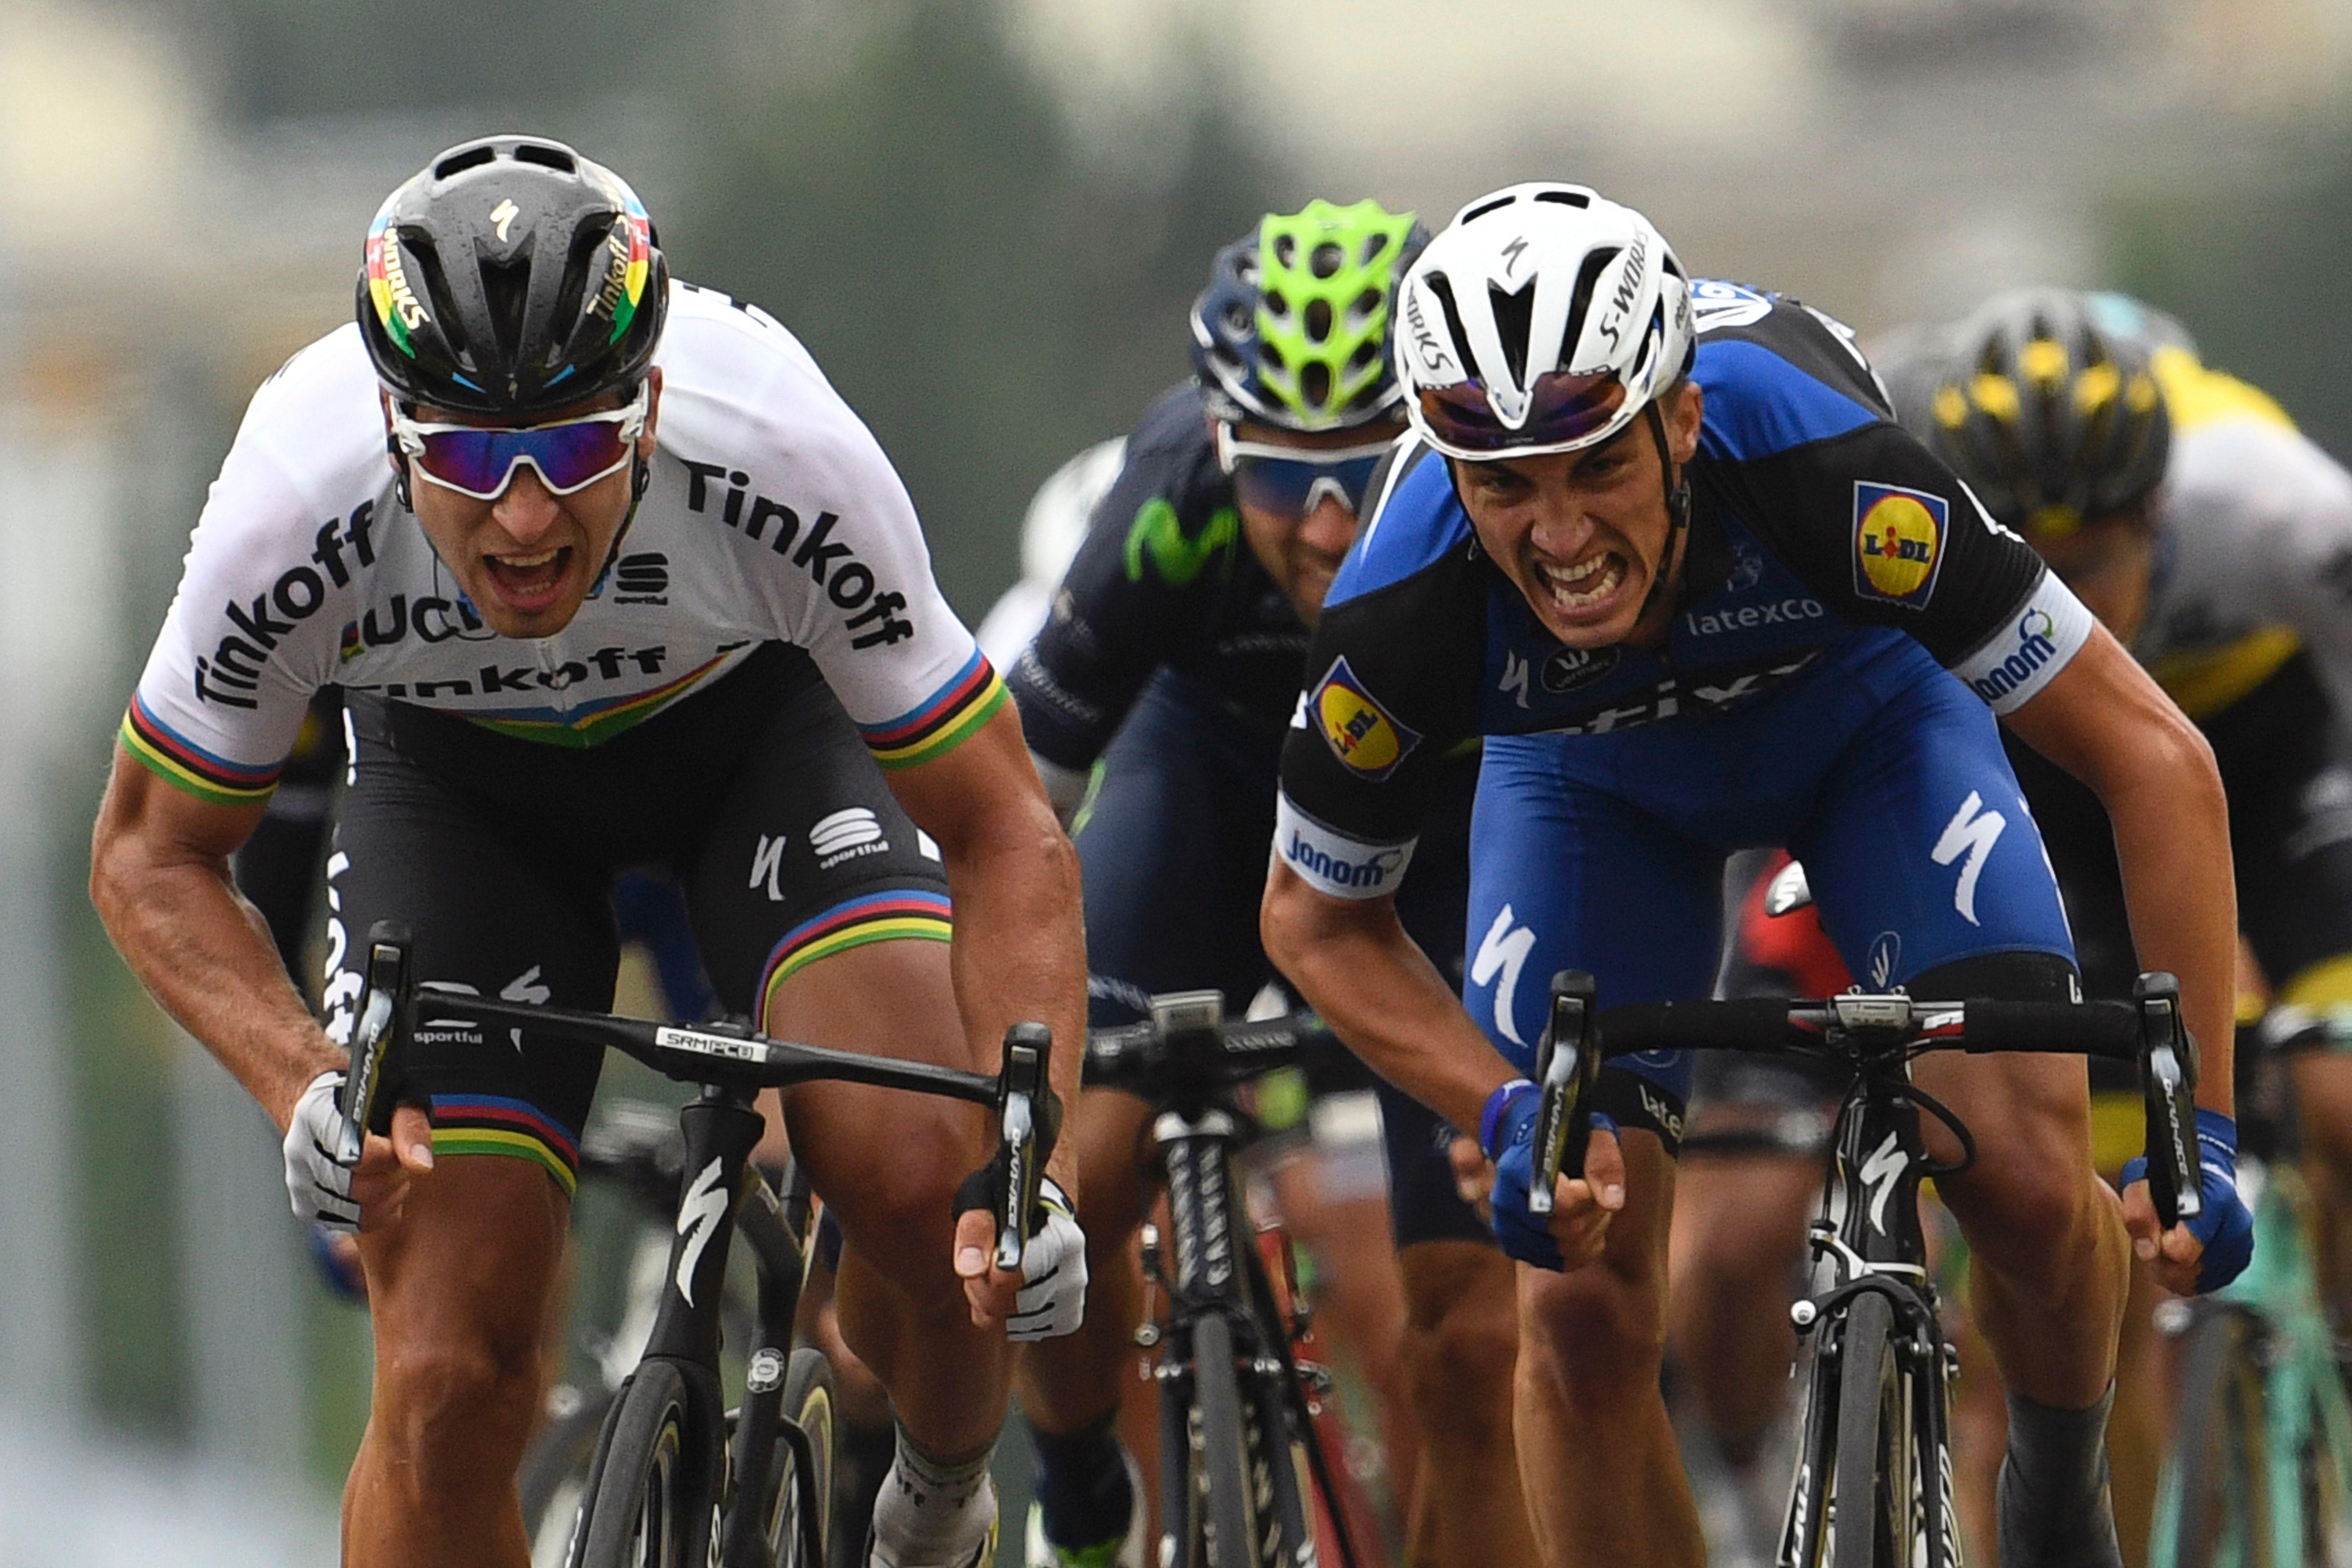 d4fee9466 What Tour de France Cyclists Eat - Chef Hannah Grant Explains How ...